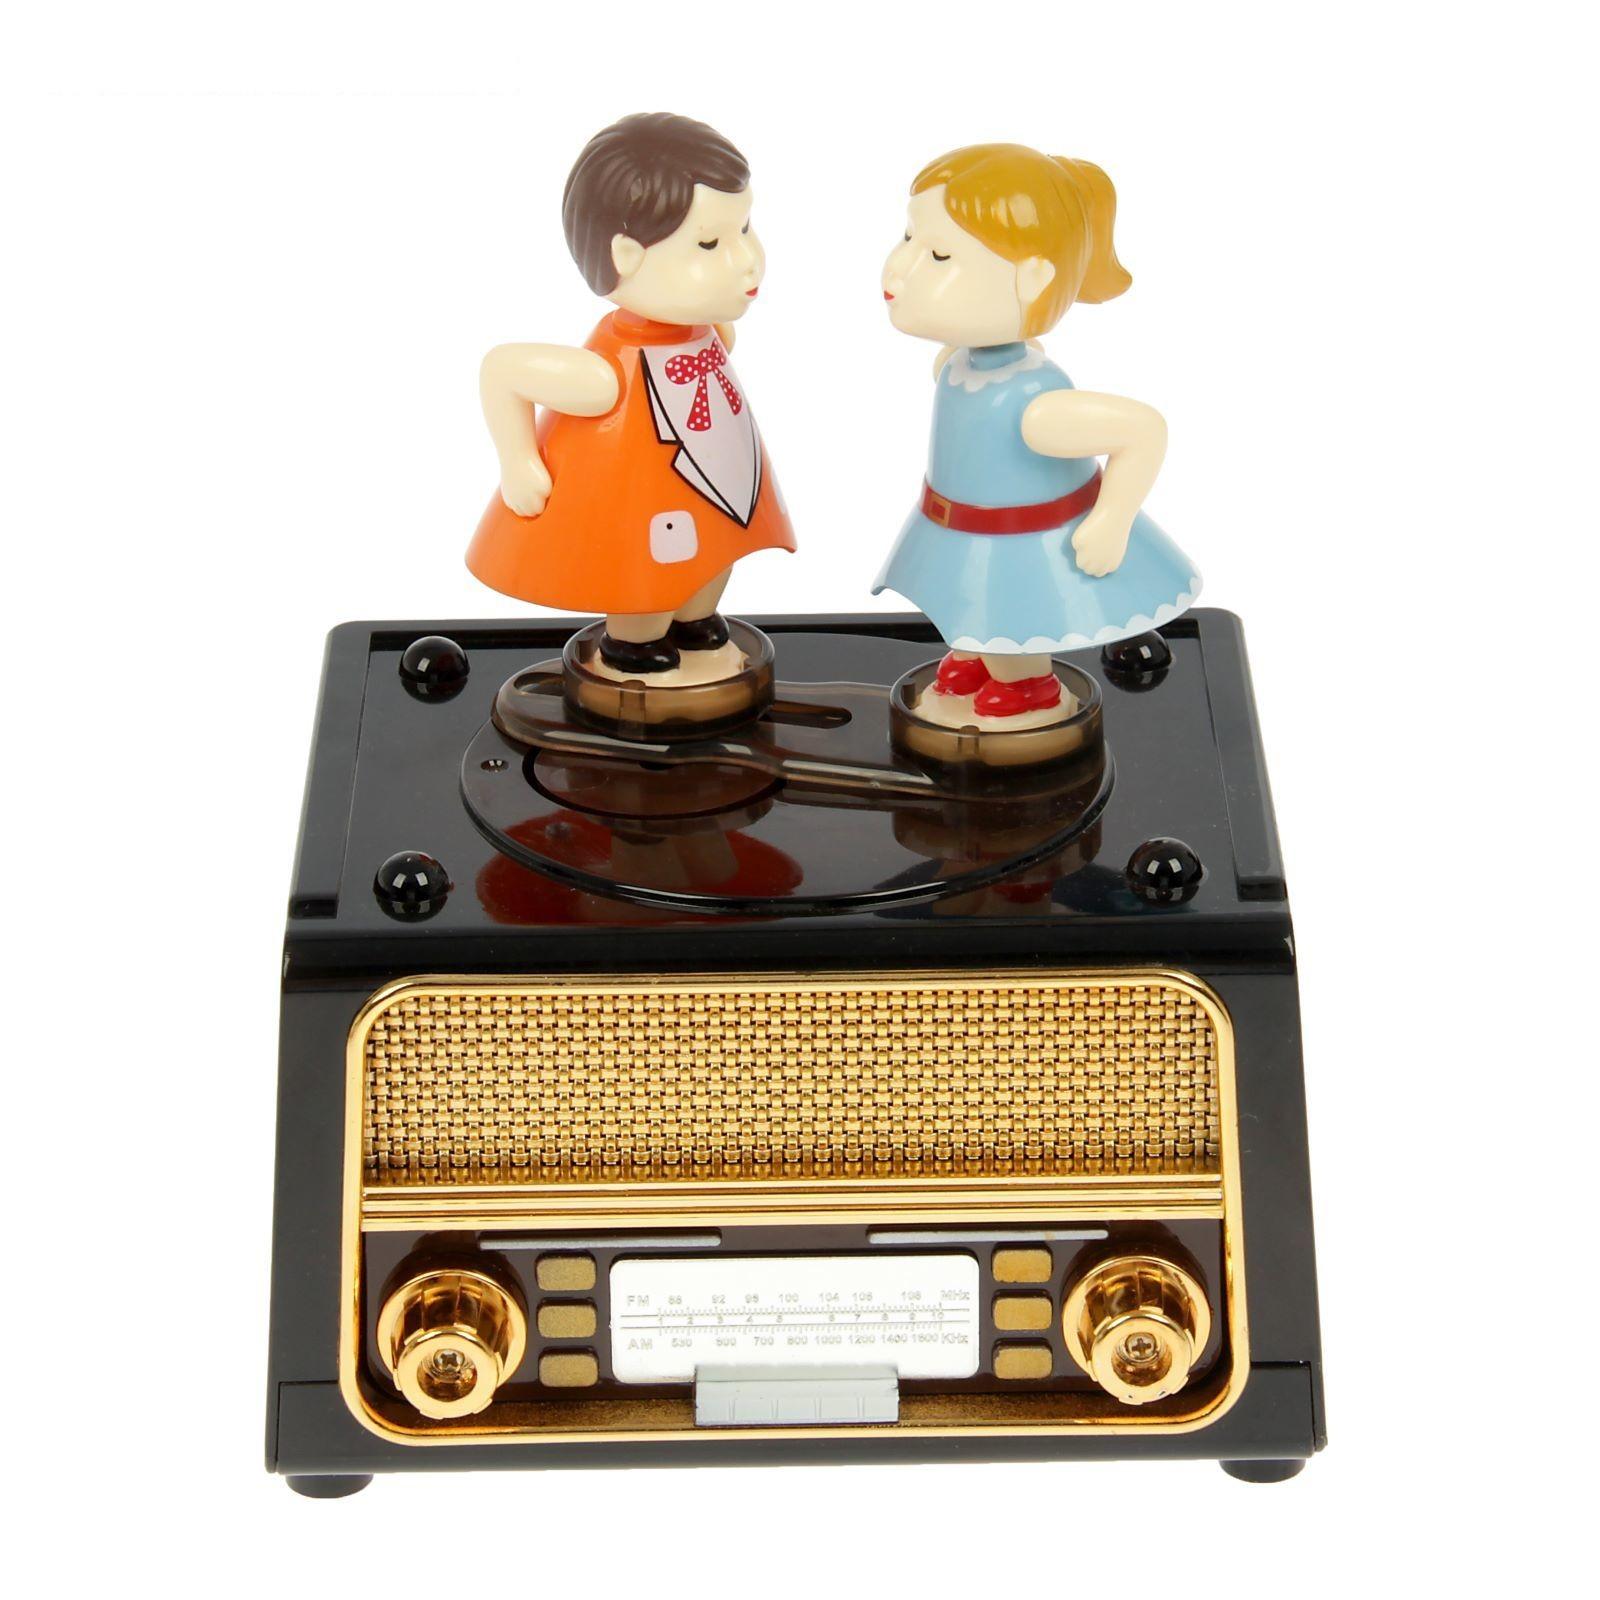 Шкатулка музыкальная механическая танцы под музыку 14х11,5х17,5 см